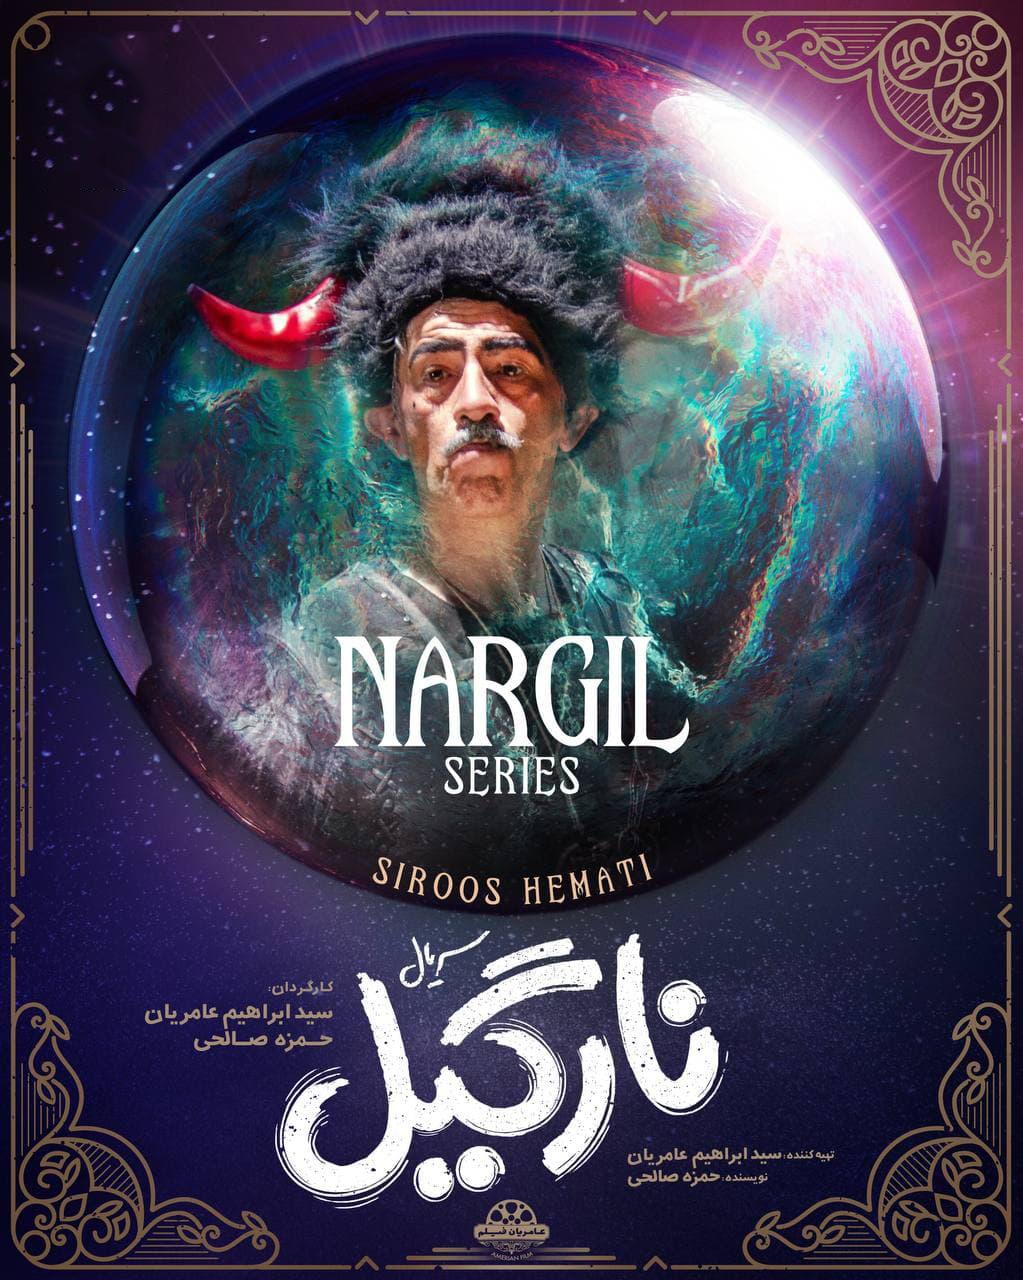 ُسریال نارگیل 14